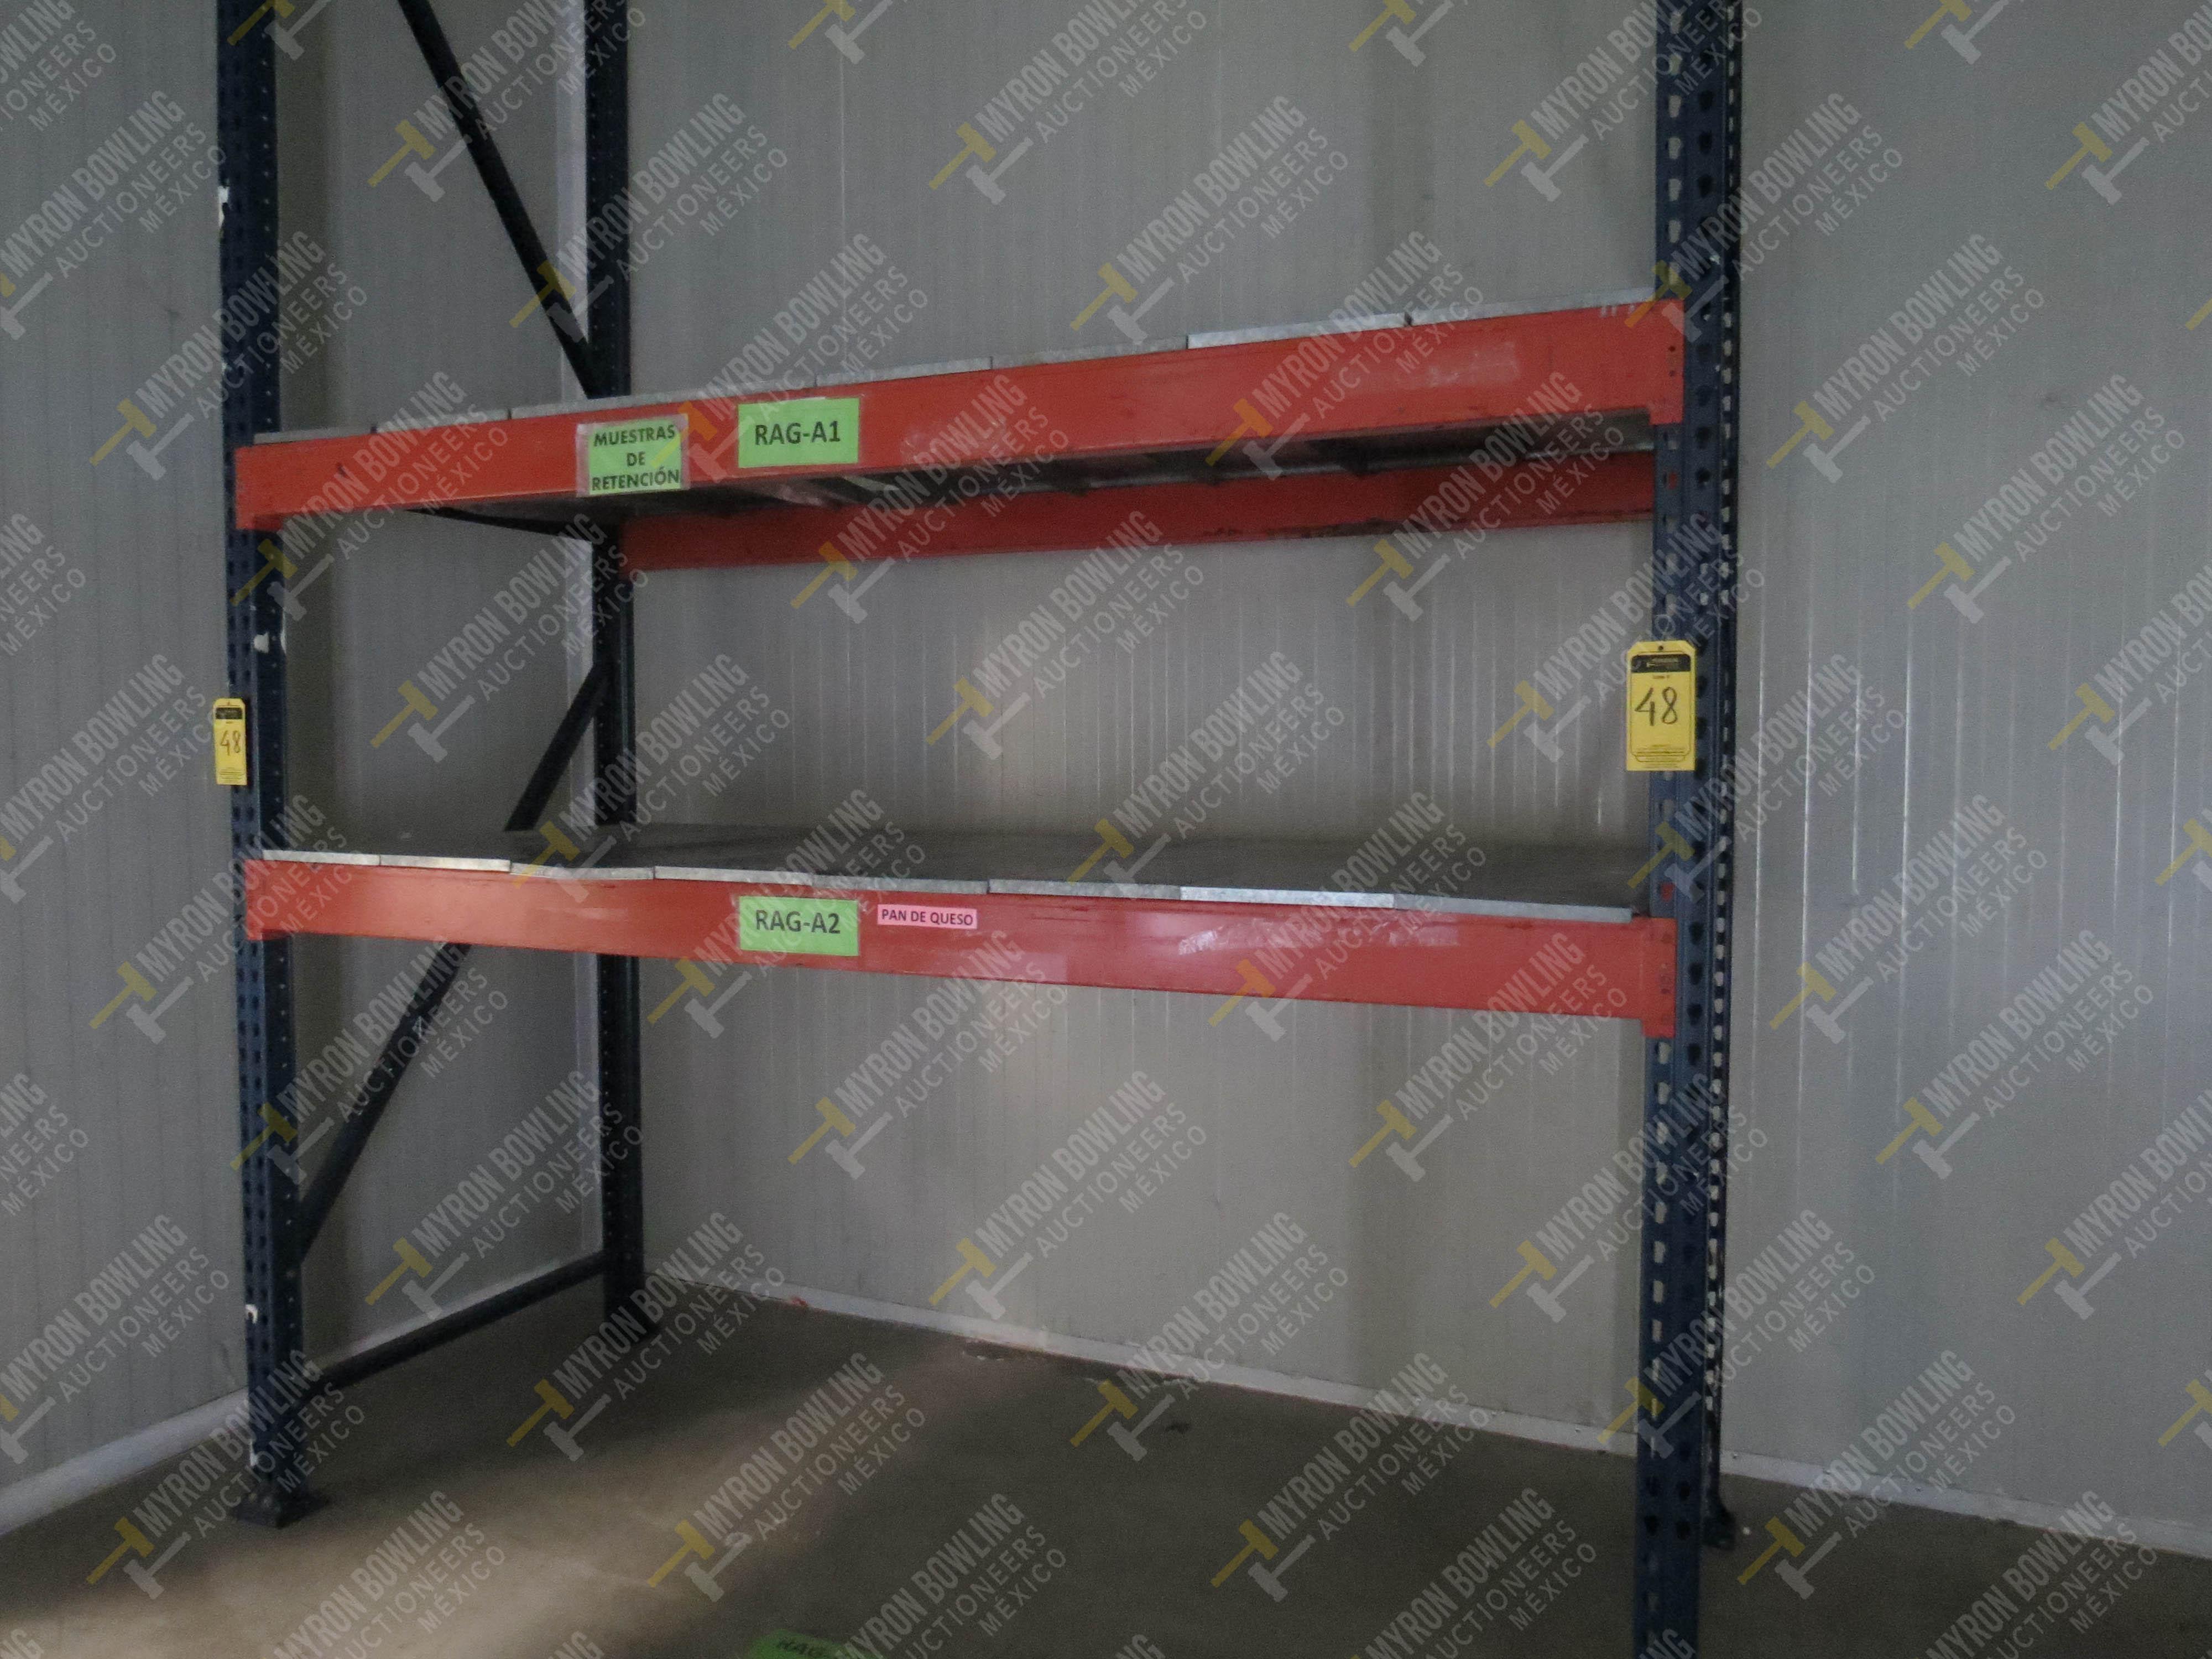 Rack de carga de 9 postes de 1.07 x 4 con 20 travesaños de 2.20 m, se incluye un poste … - Image 3 of 5